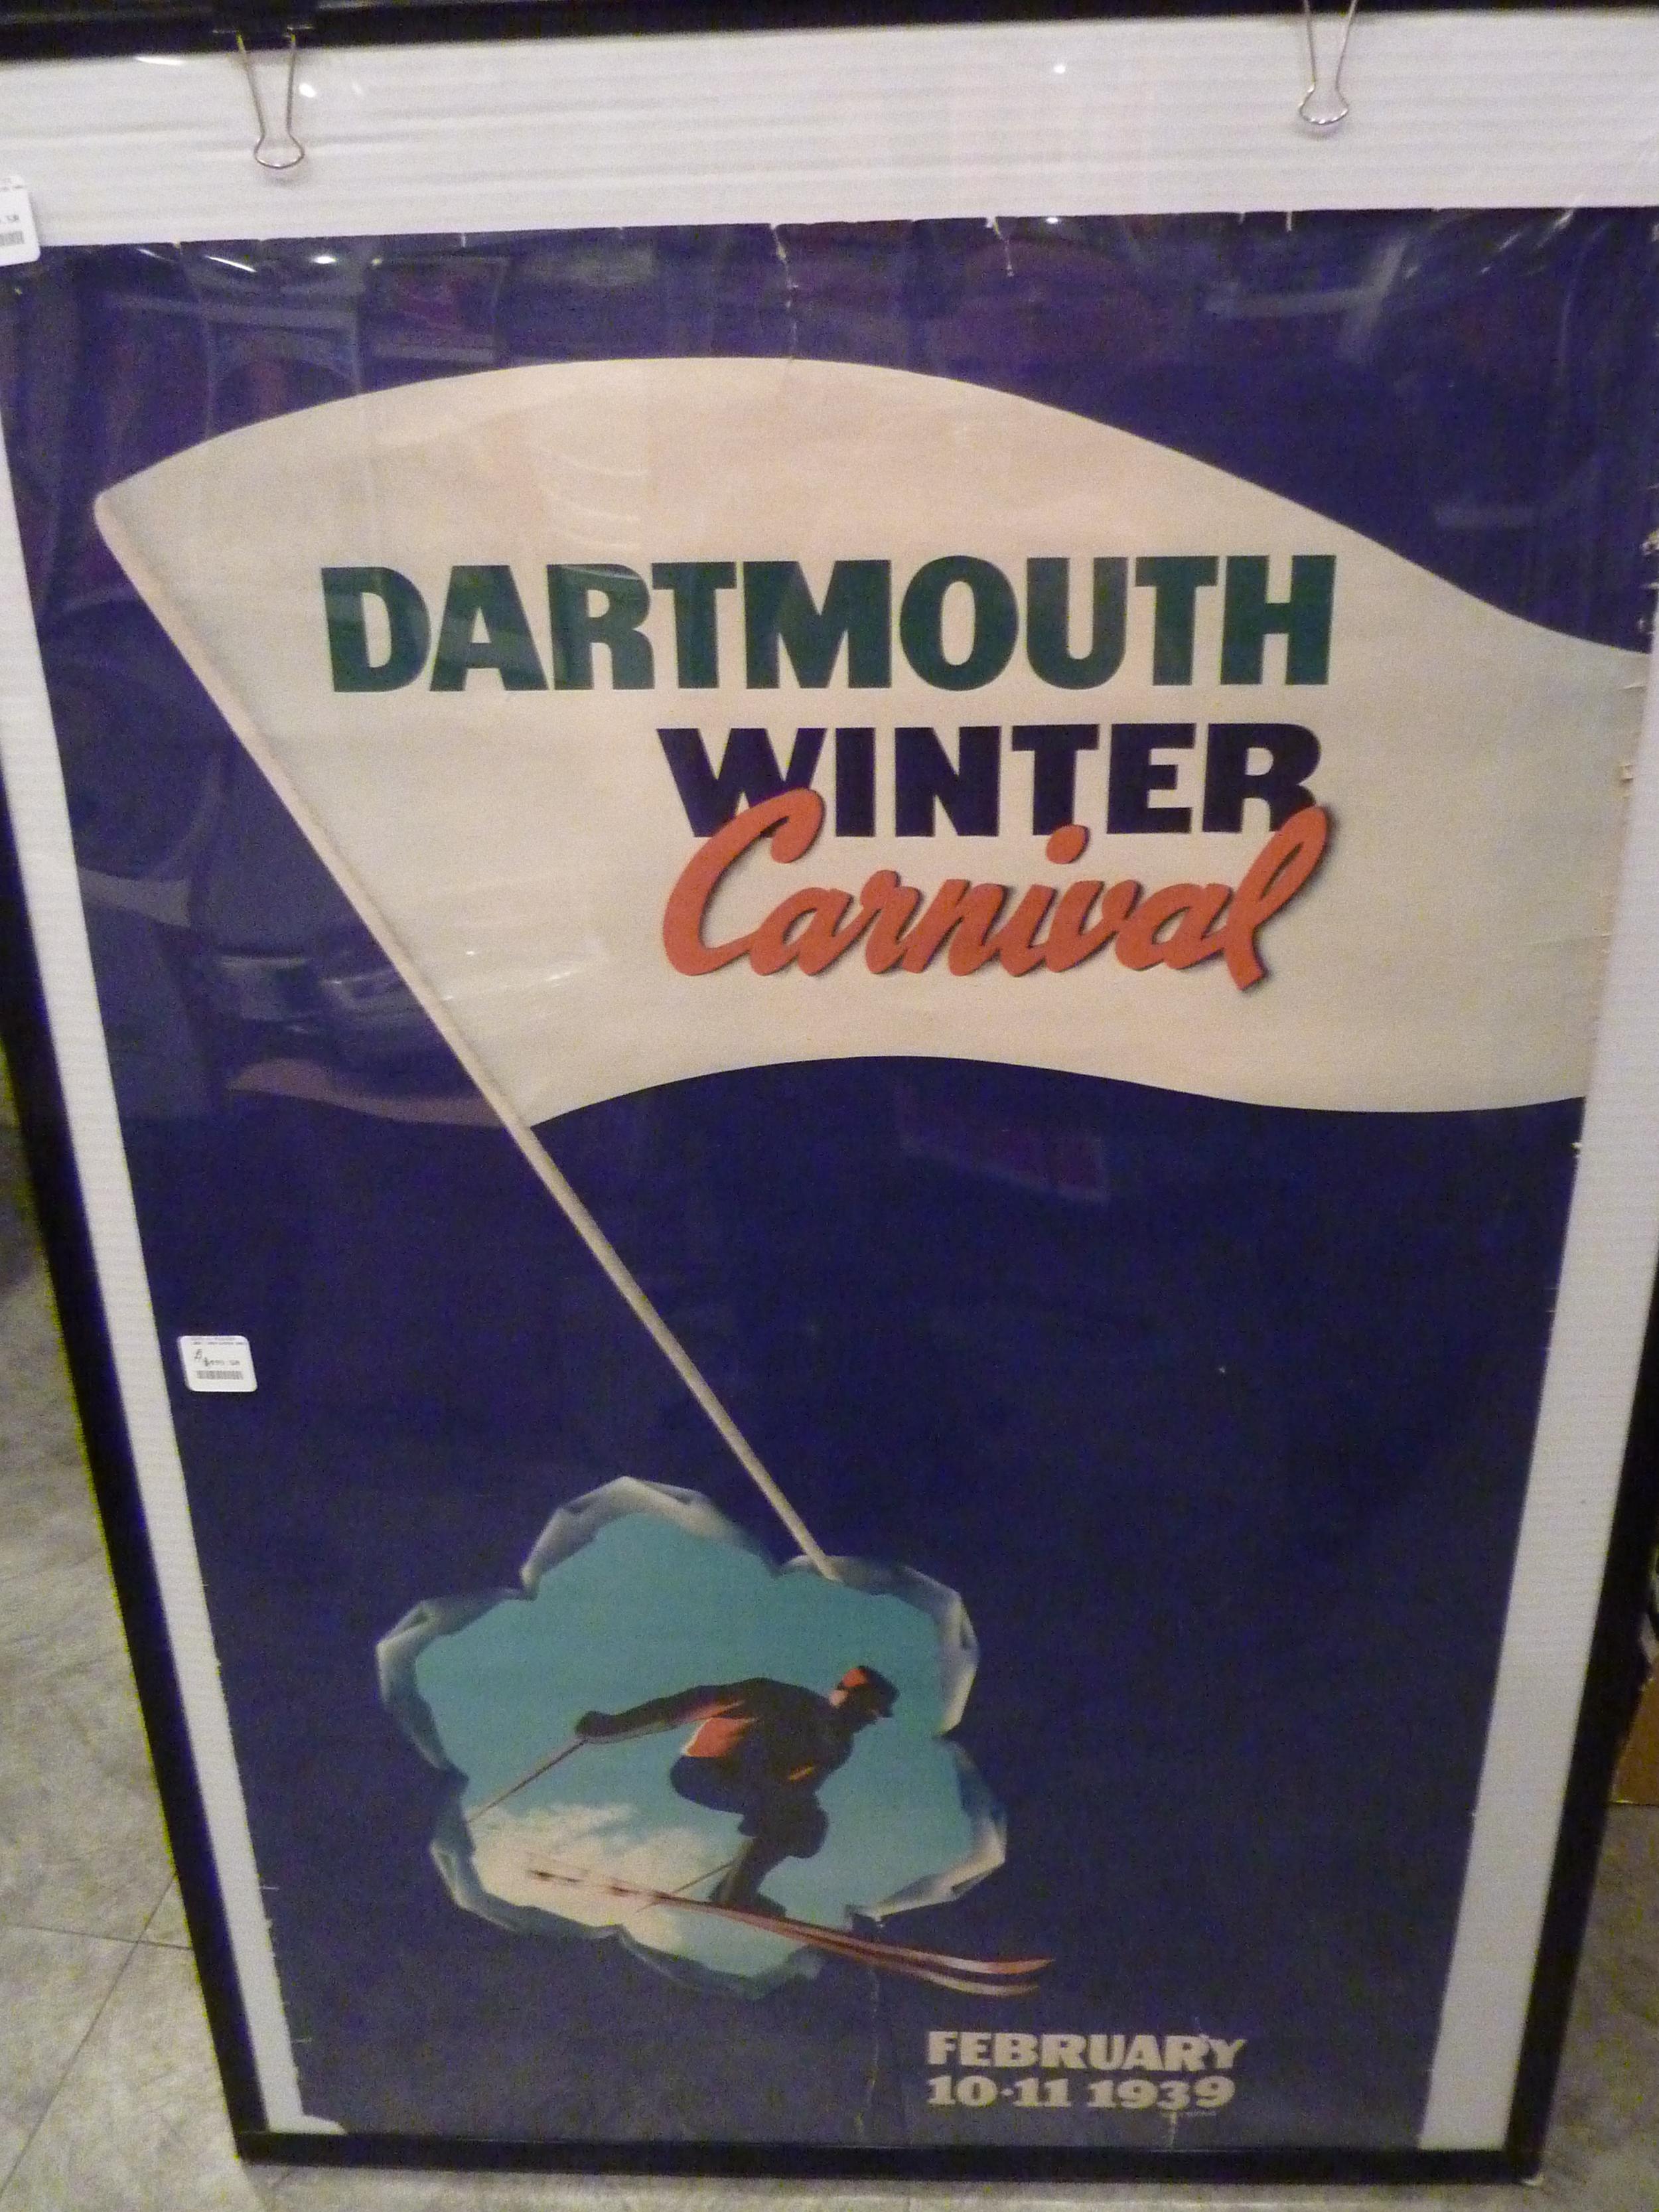 Dartmouth Winter Carnival 1939 (blue)